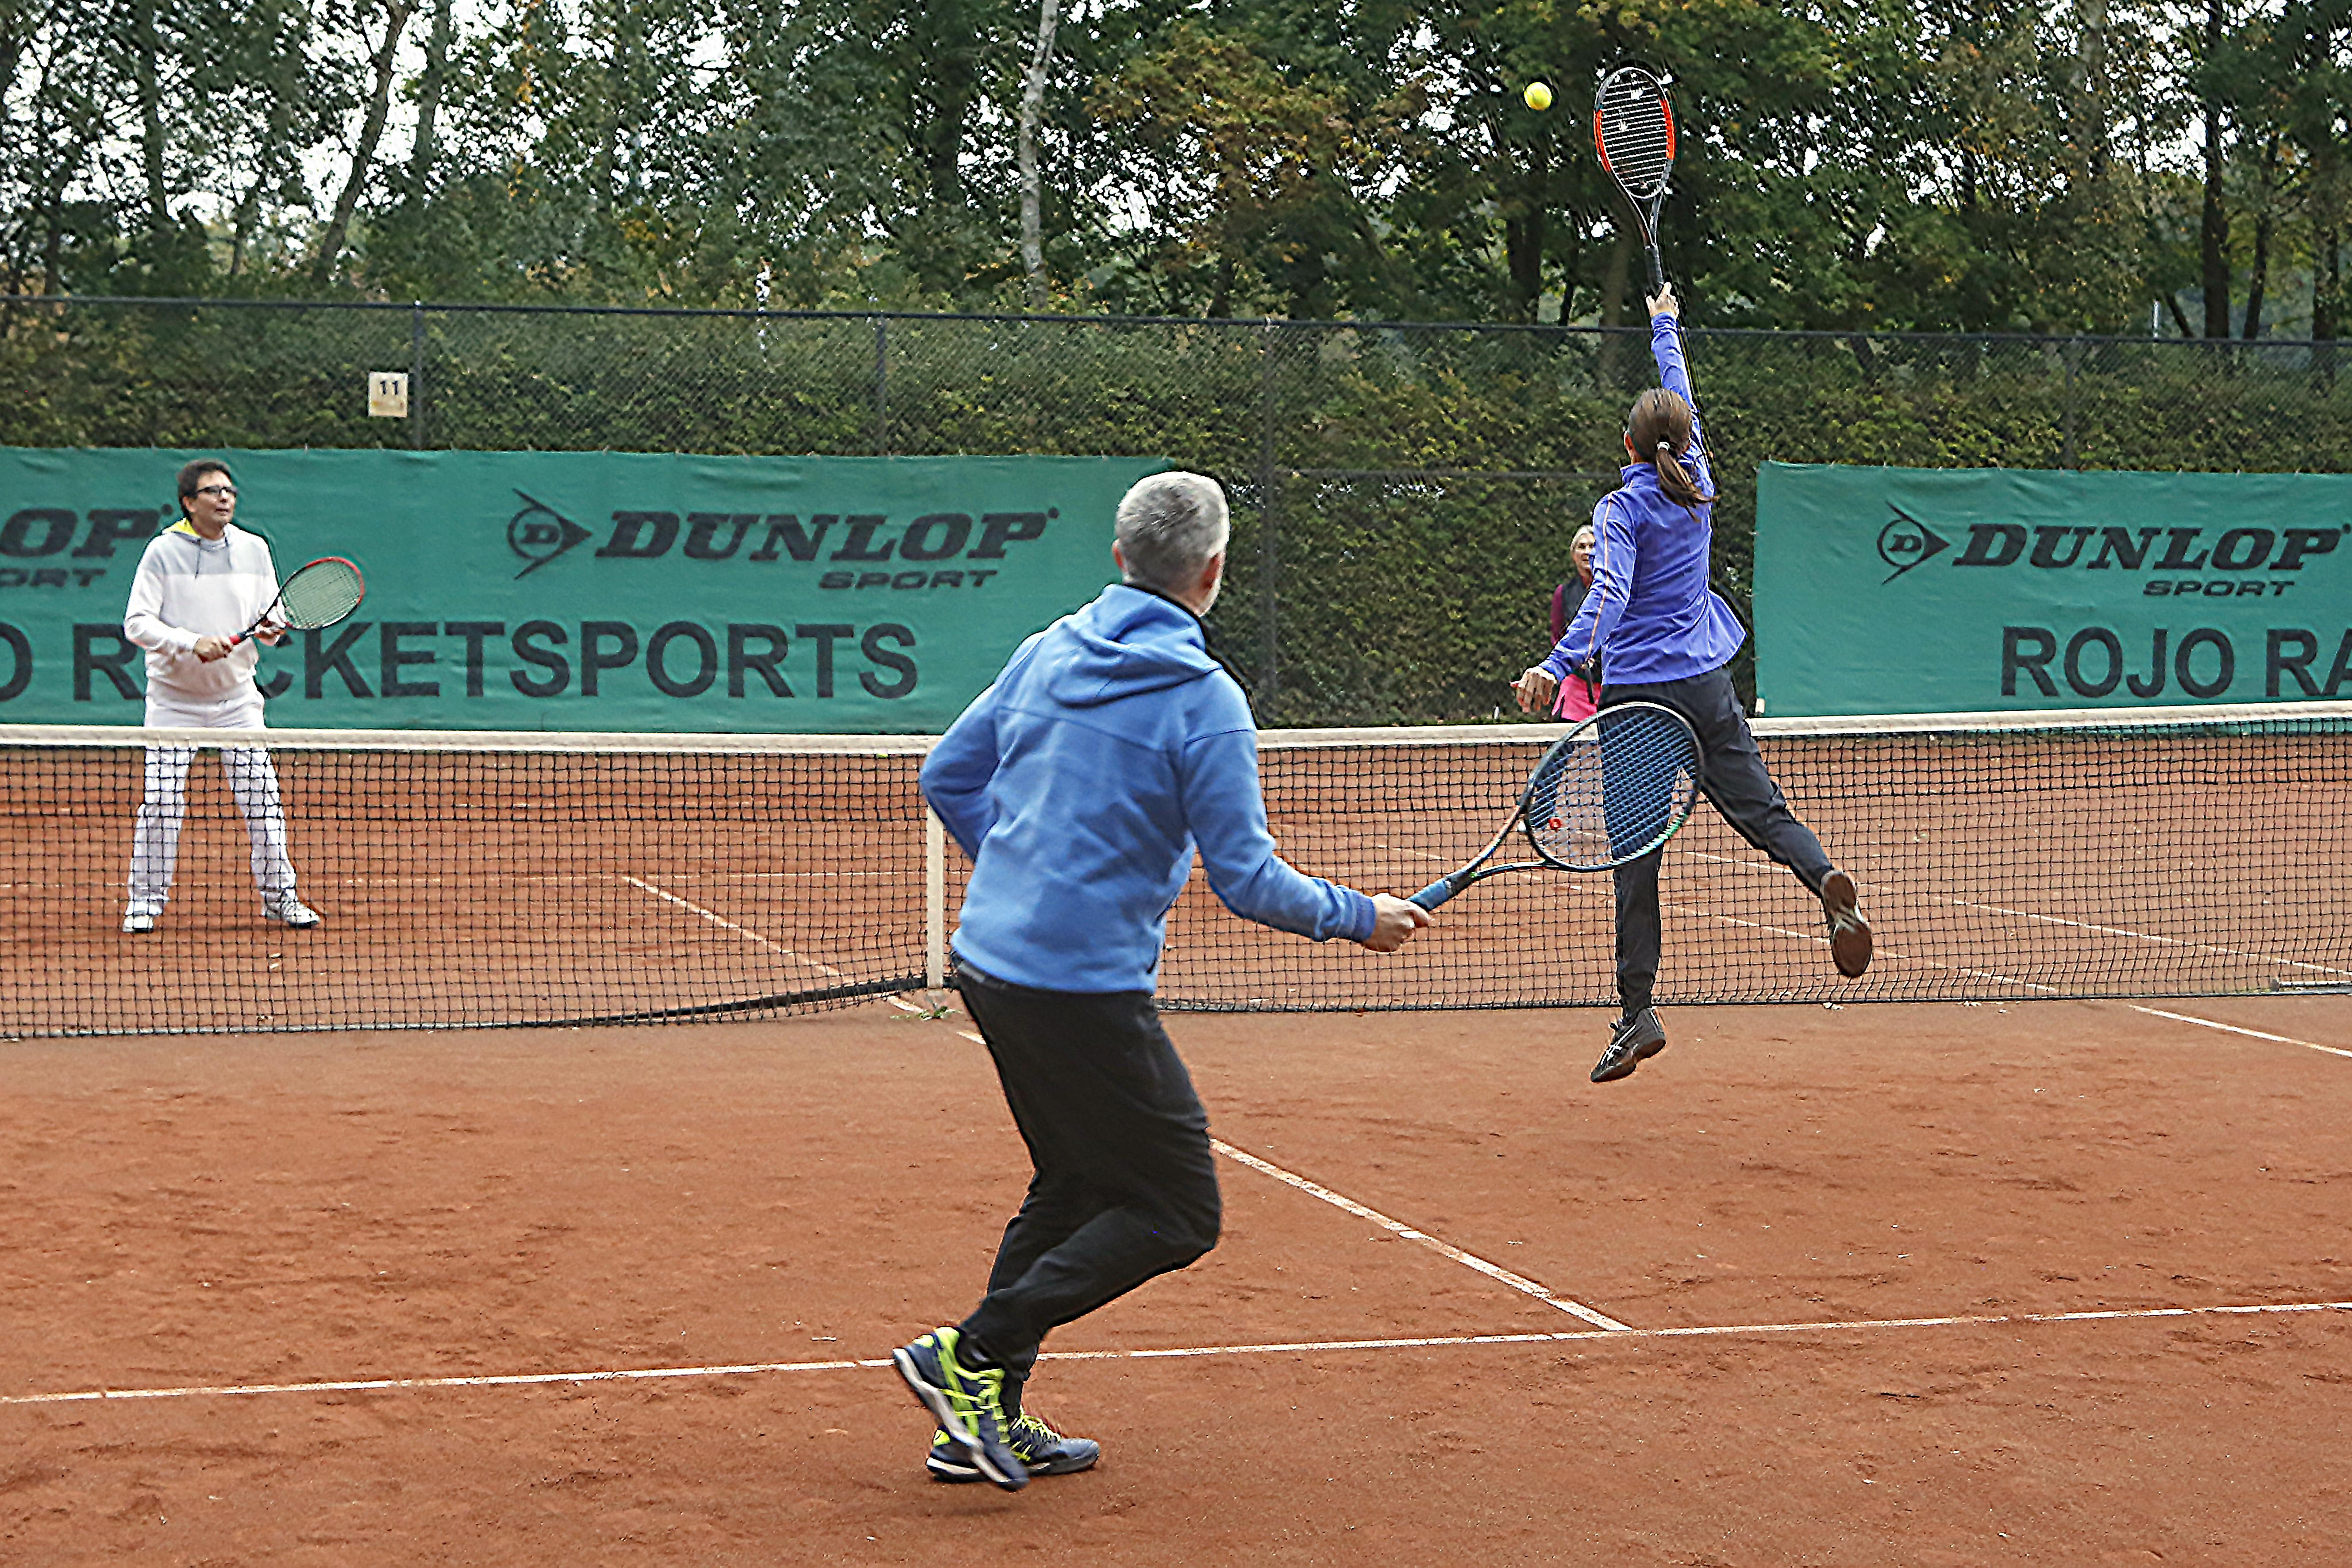 Bij tennisverenigingen in het Gooi wordt 'gewoon' nog een balletje geslagen, 'maar het is super ongezellig allemaal'